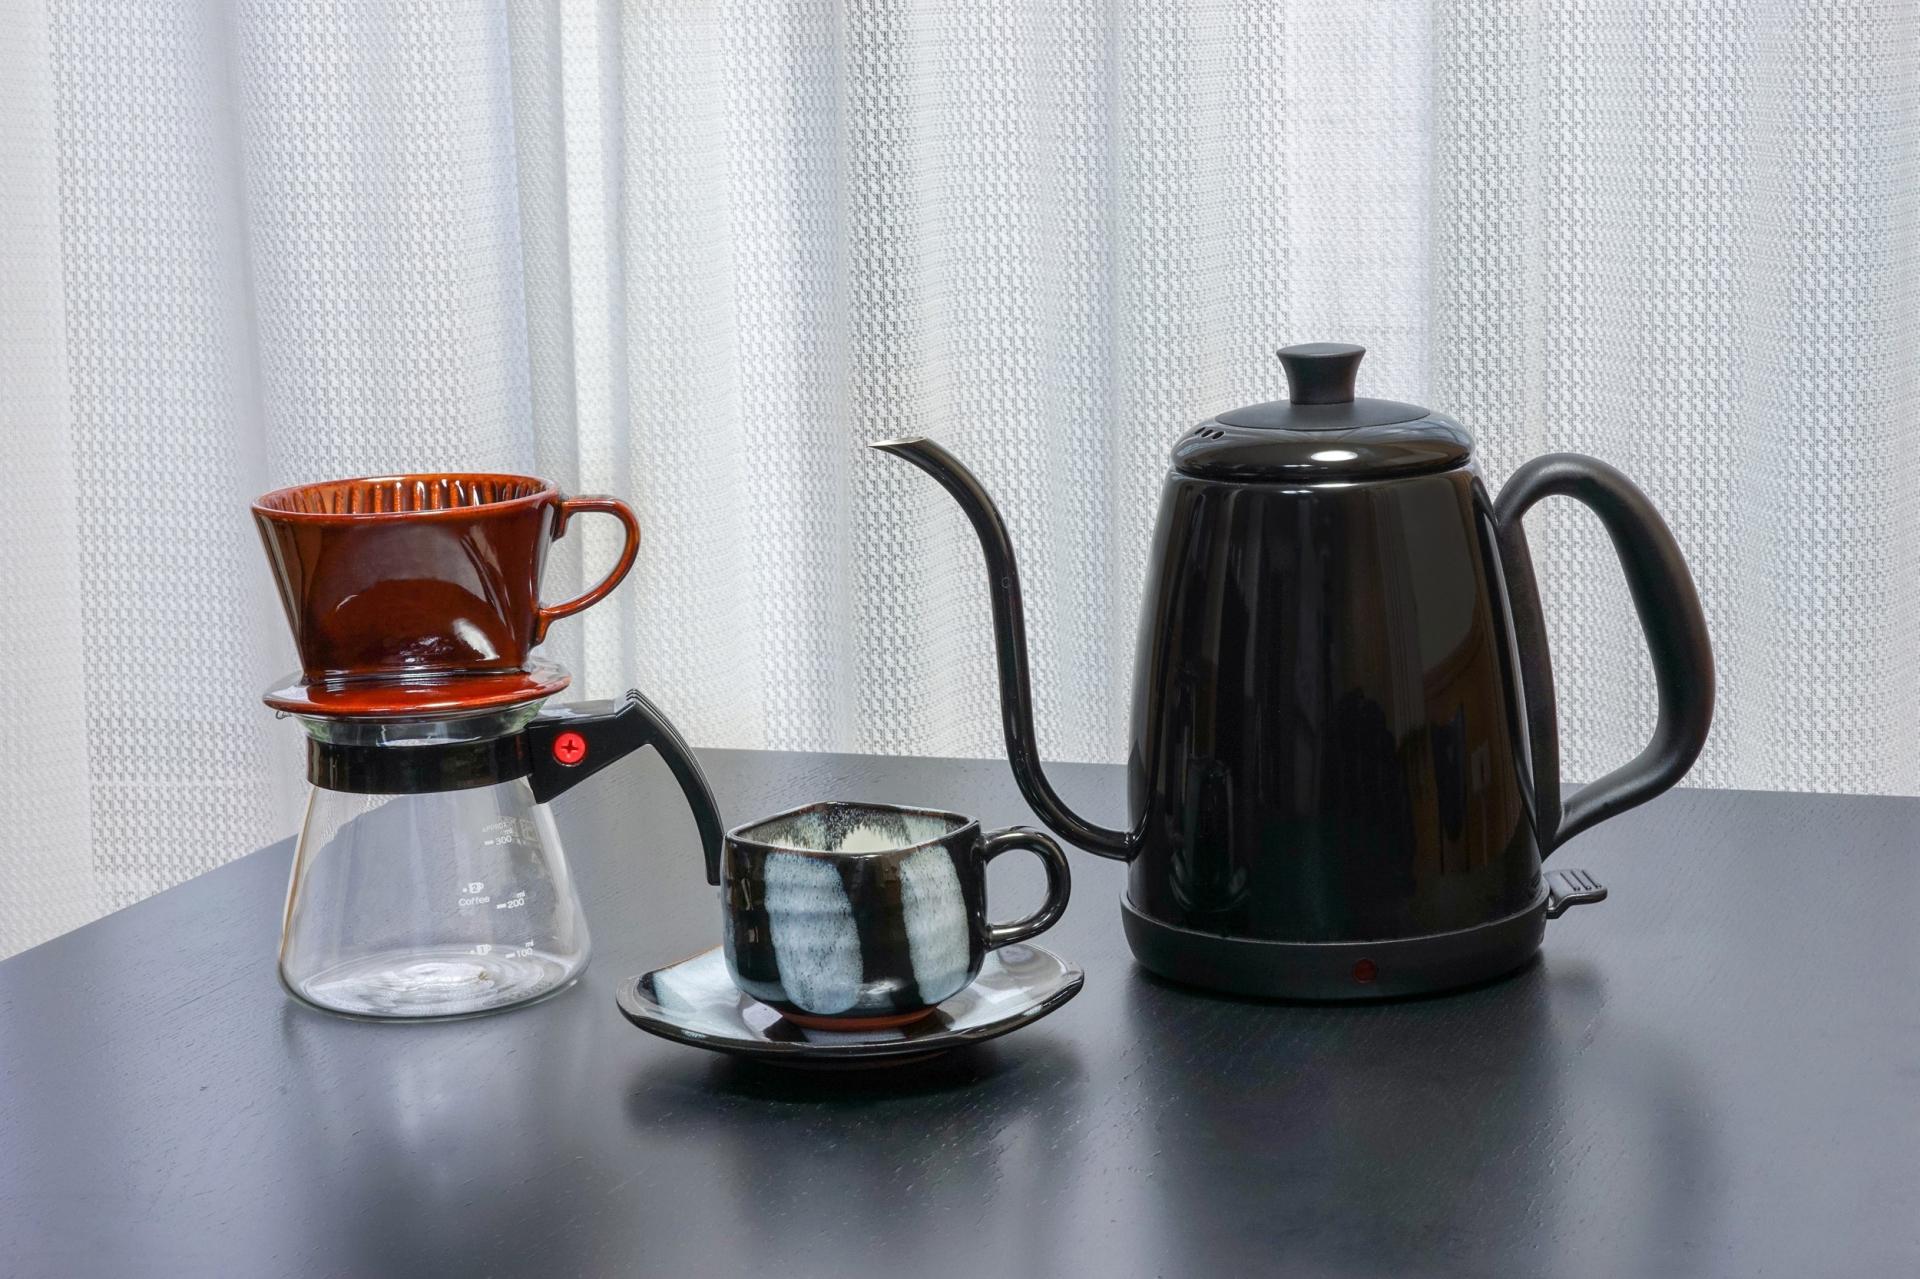 健康のための美味しいコーヒーの嗜み方 ー淹れ方編ー